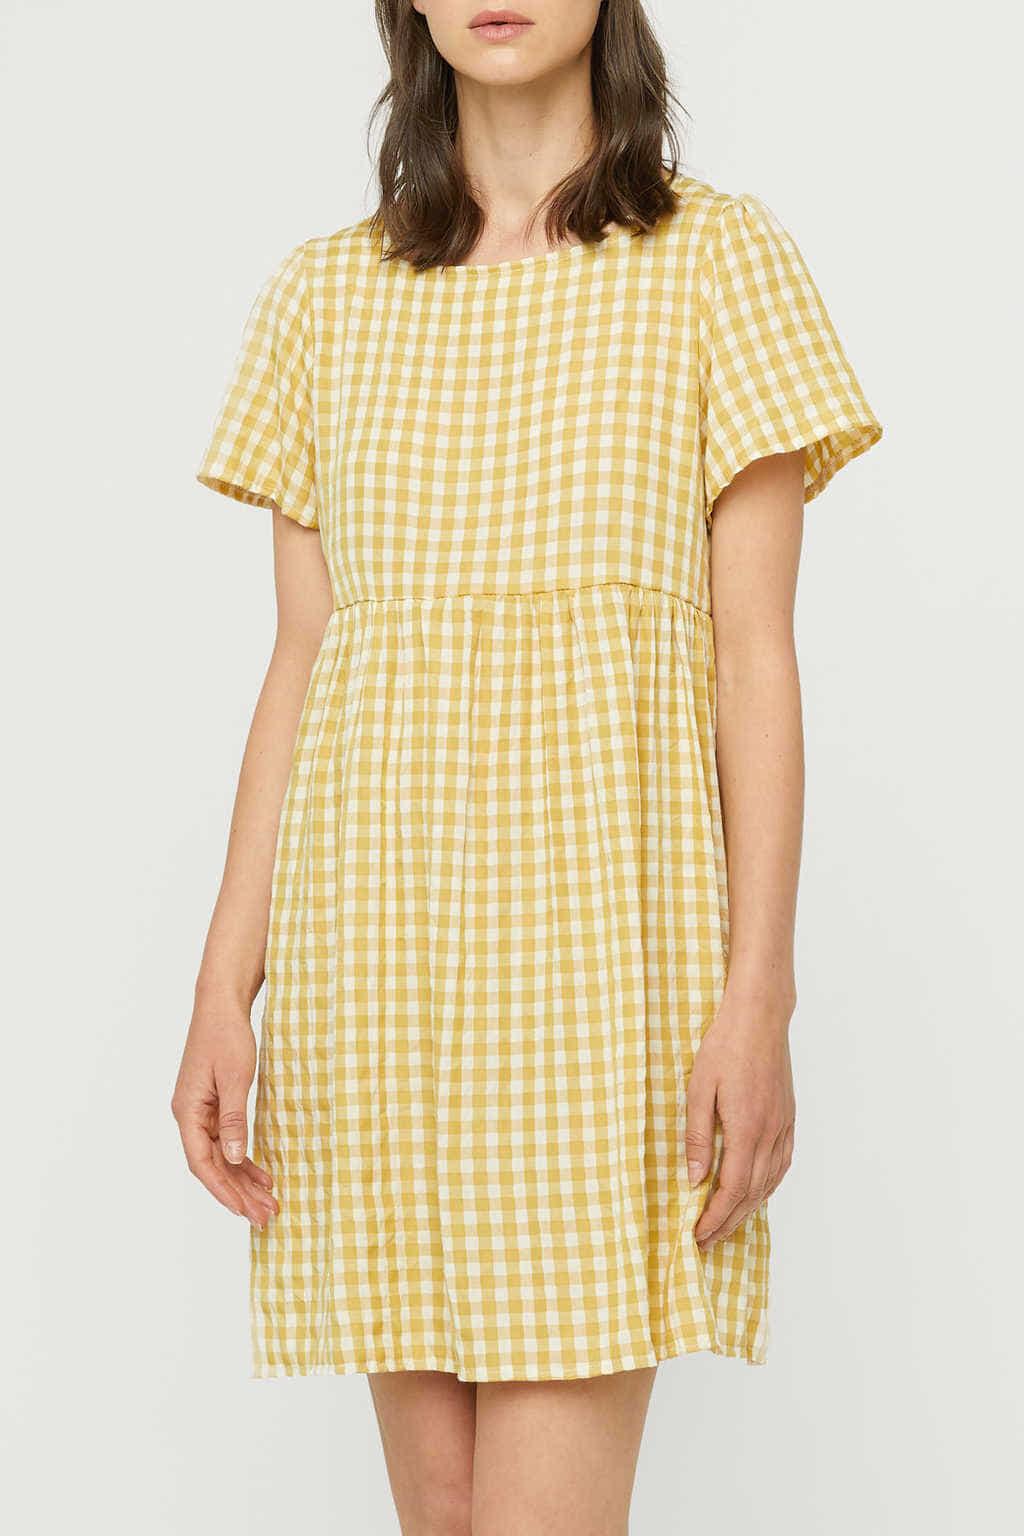 Dress K009 Mustard 3